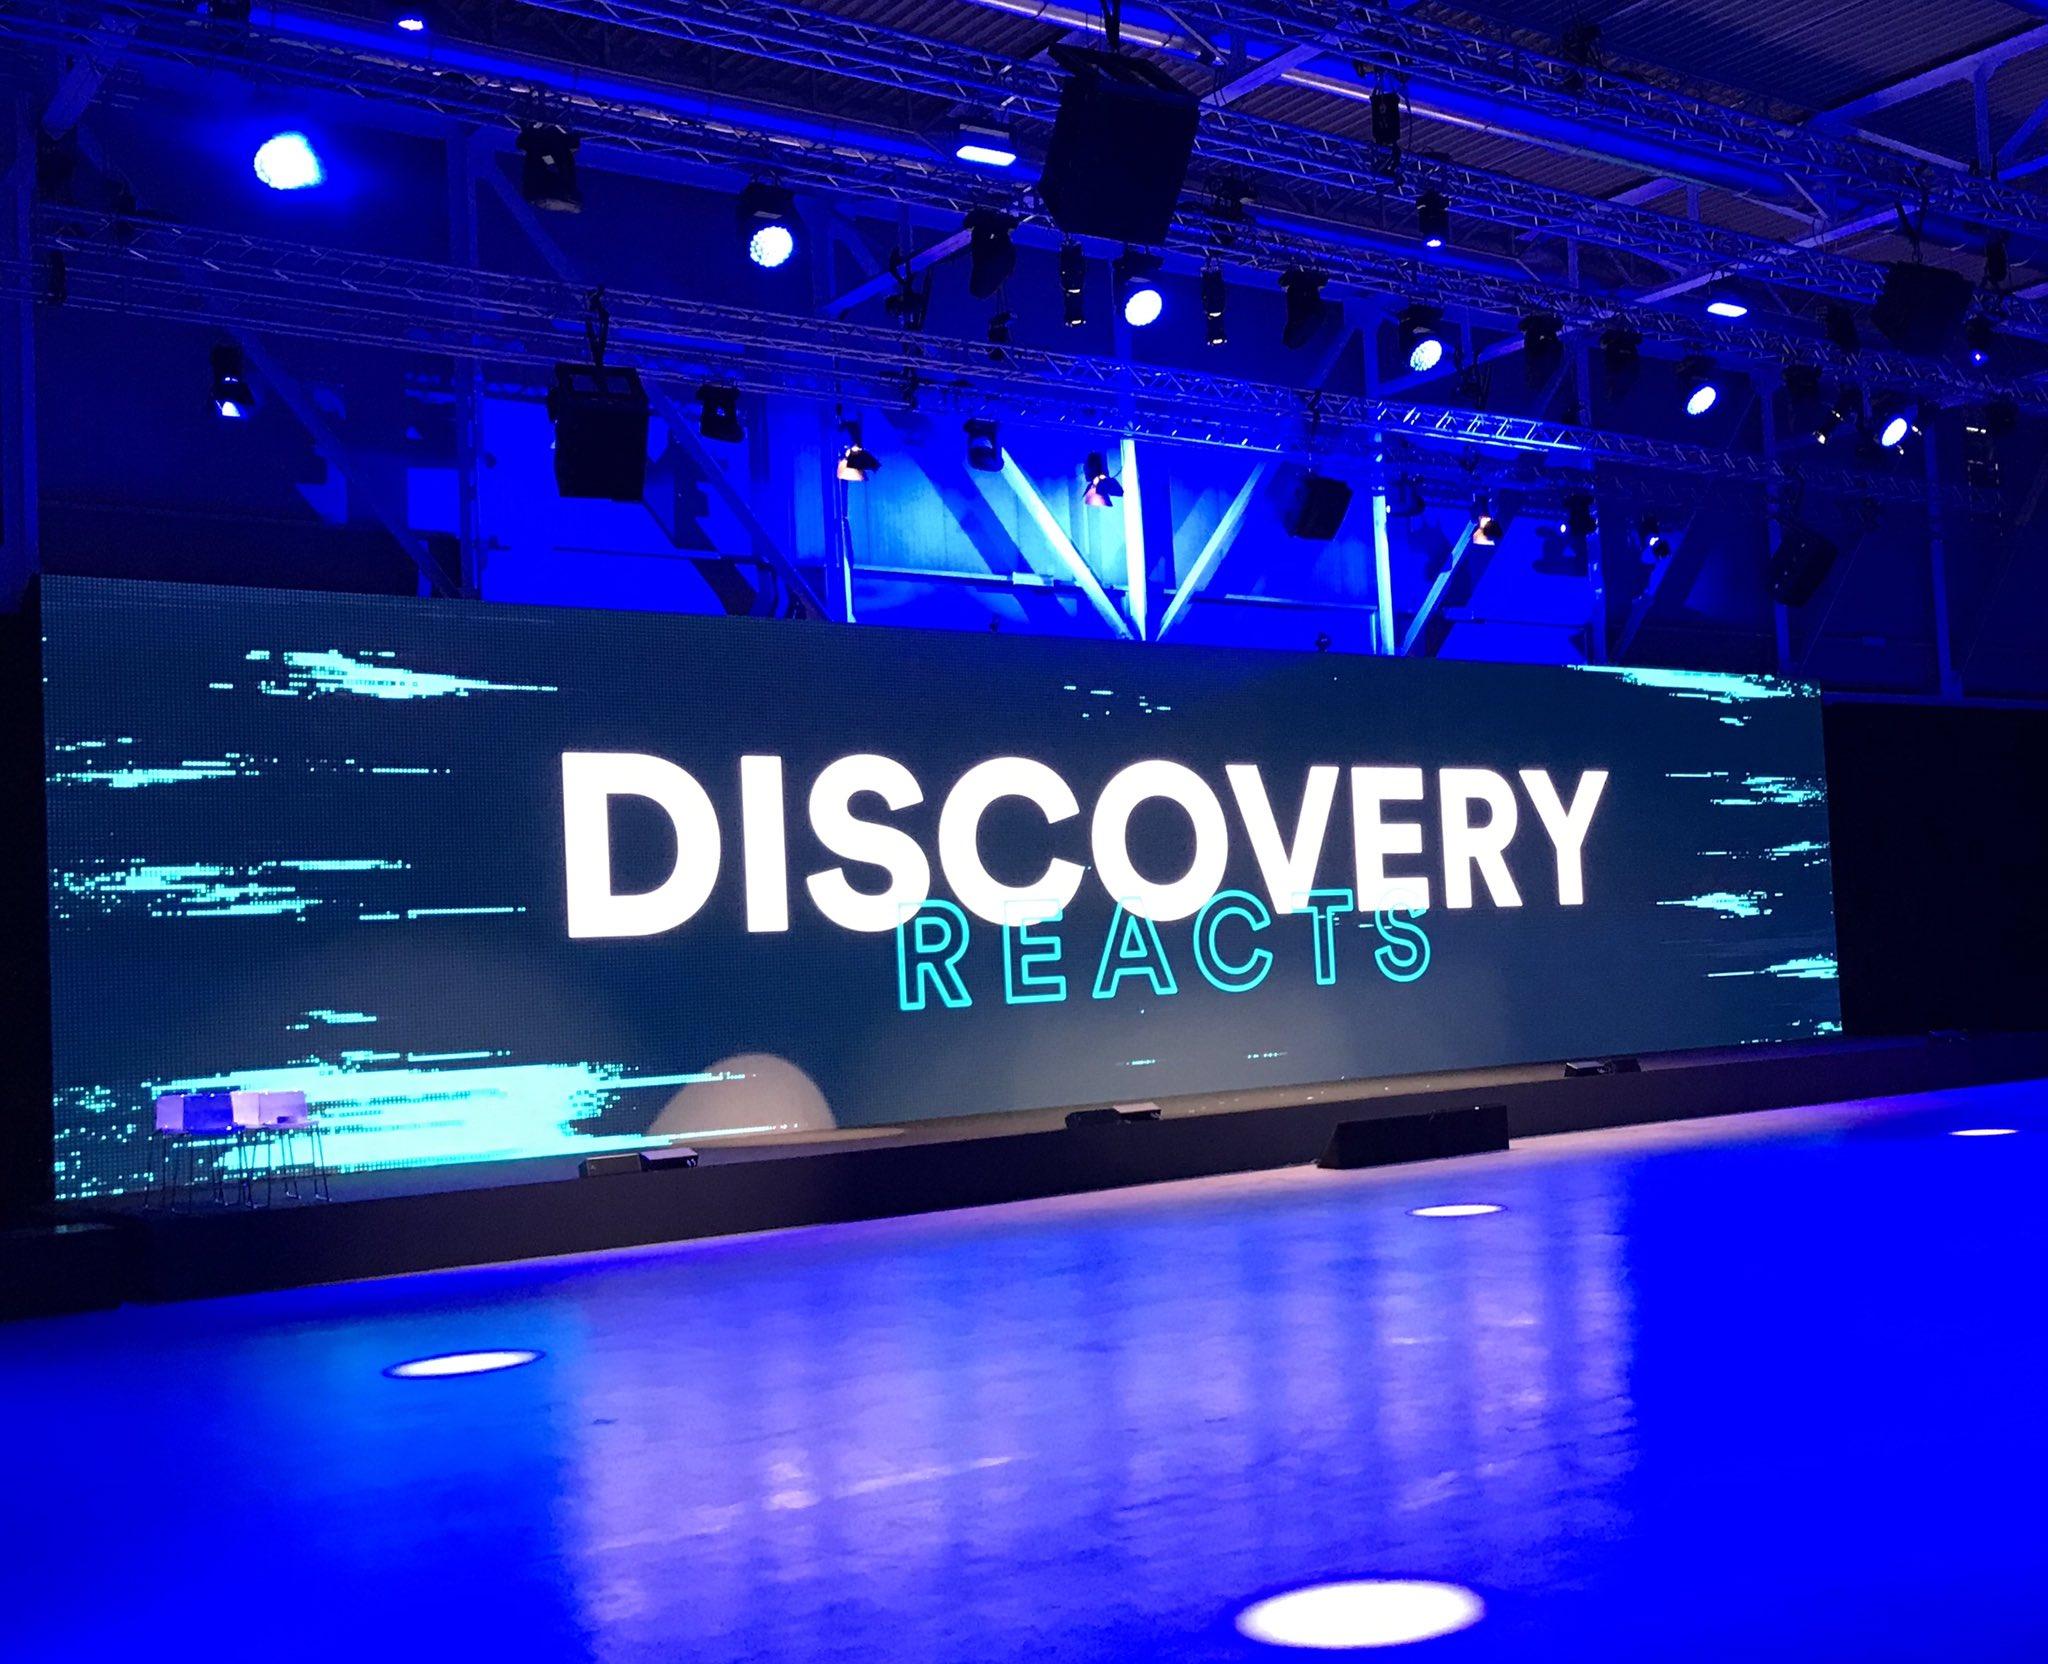 Discovery Reacts, la nuova stagione tv 2020 - 2021 ricca e avvincente